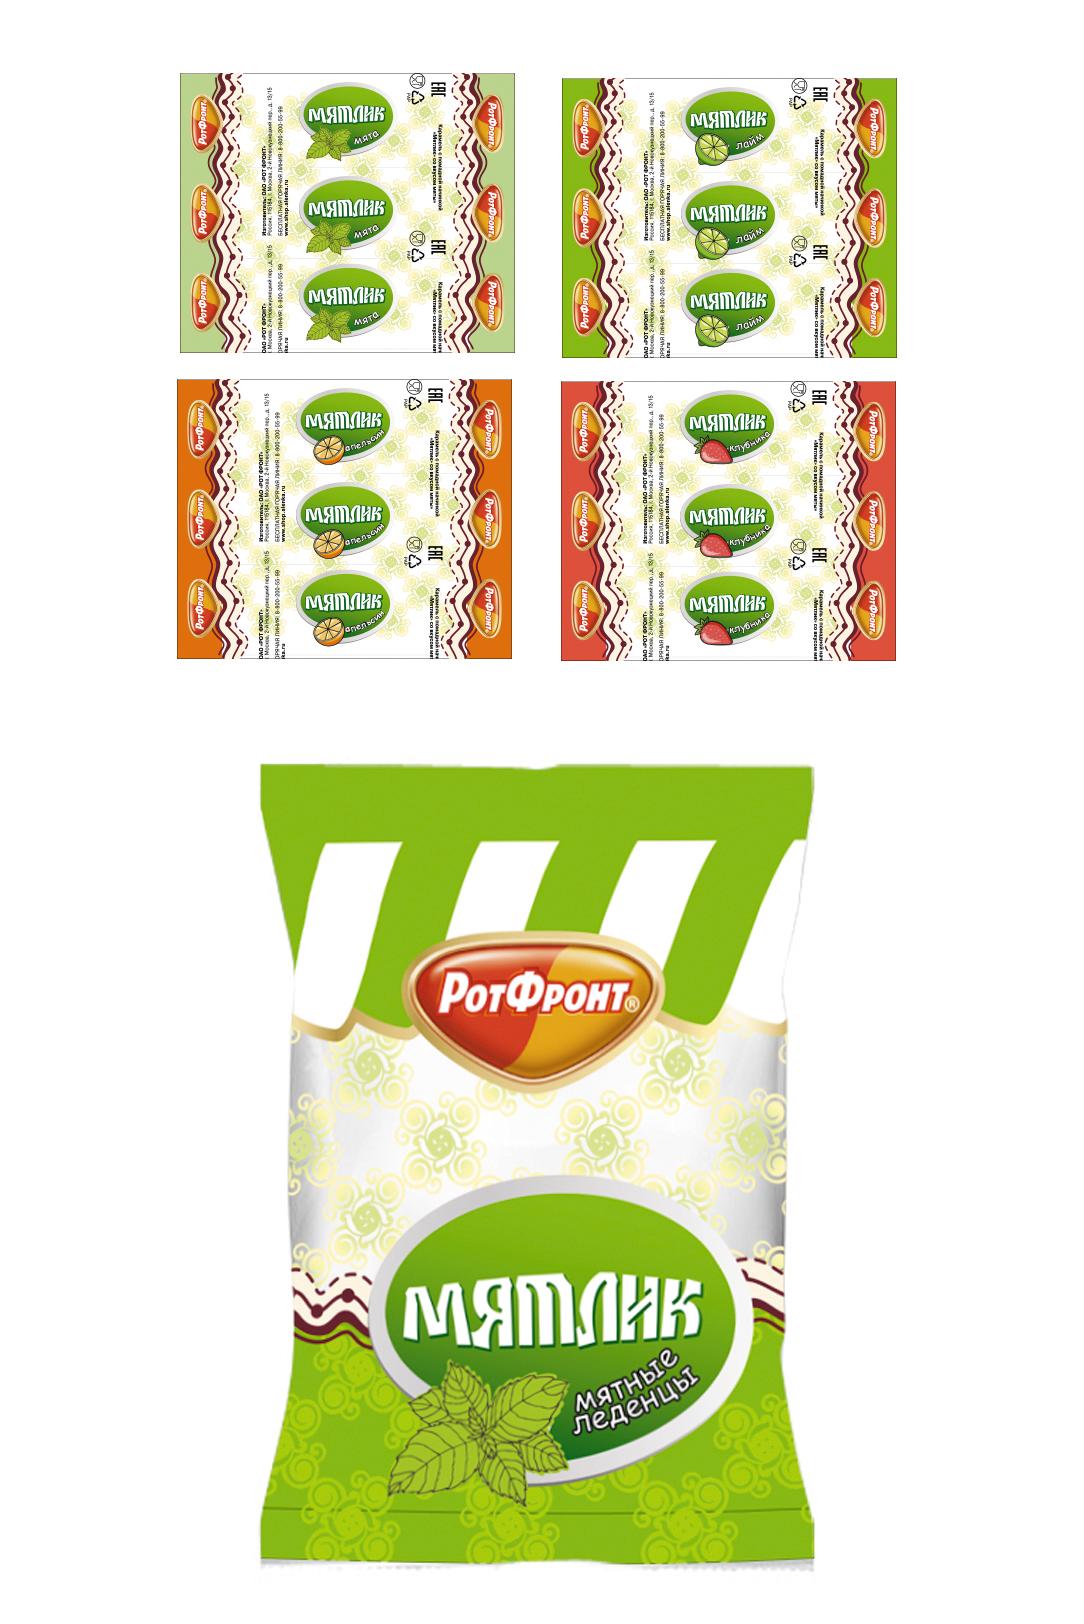 Разработка дизайна упаковки для мятной карамели от Рот Фронт фото f_93059fb0995de1fe.jpg